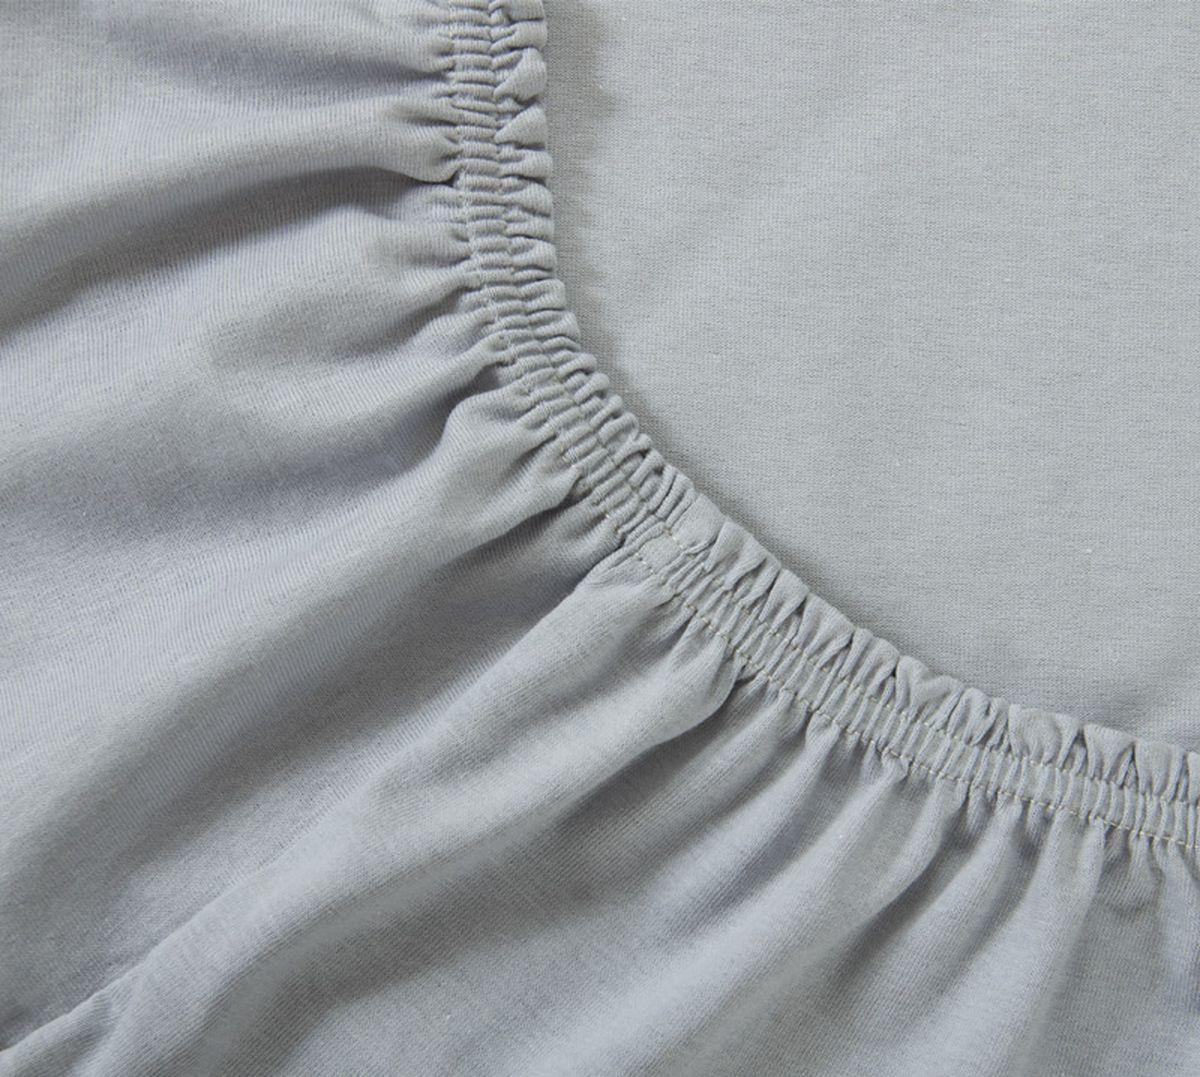 Простыня Текс-Дизайн, на резинке, цвет: серый, 180 х 200 х 20 см391602Простыня Текс-Дизайн изготовлена из трикотажа высокого качества, состоящего на 100% из хлопка. По всему периметру простыня снабжена резинкой, что обеспечивает комфортный отдых, и избавляет от неприятных ощущений скомкавшейся во время сна изделия. Простыня легко одевается на матрасы высотой до 20 см. Идеально подходит в качестве наматрасника.Трикотаж эластичен и растяжим, практически не мнется и не теряет форму после стирки. И кроме того он очень красиво выглядит и приятен на ощупь.